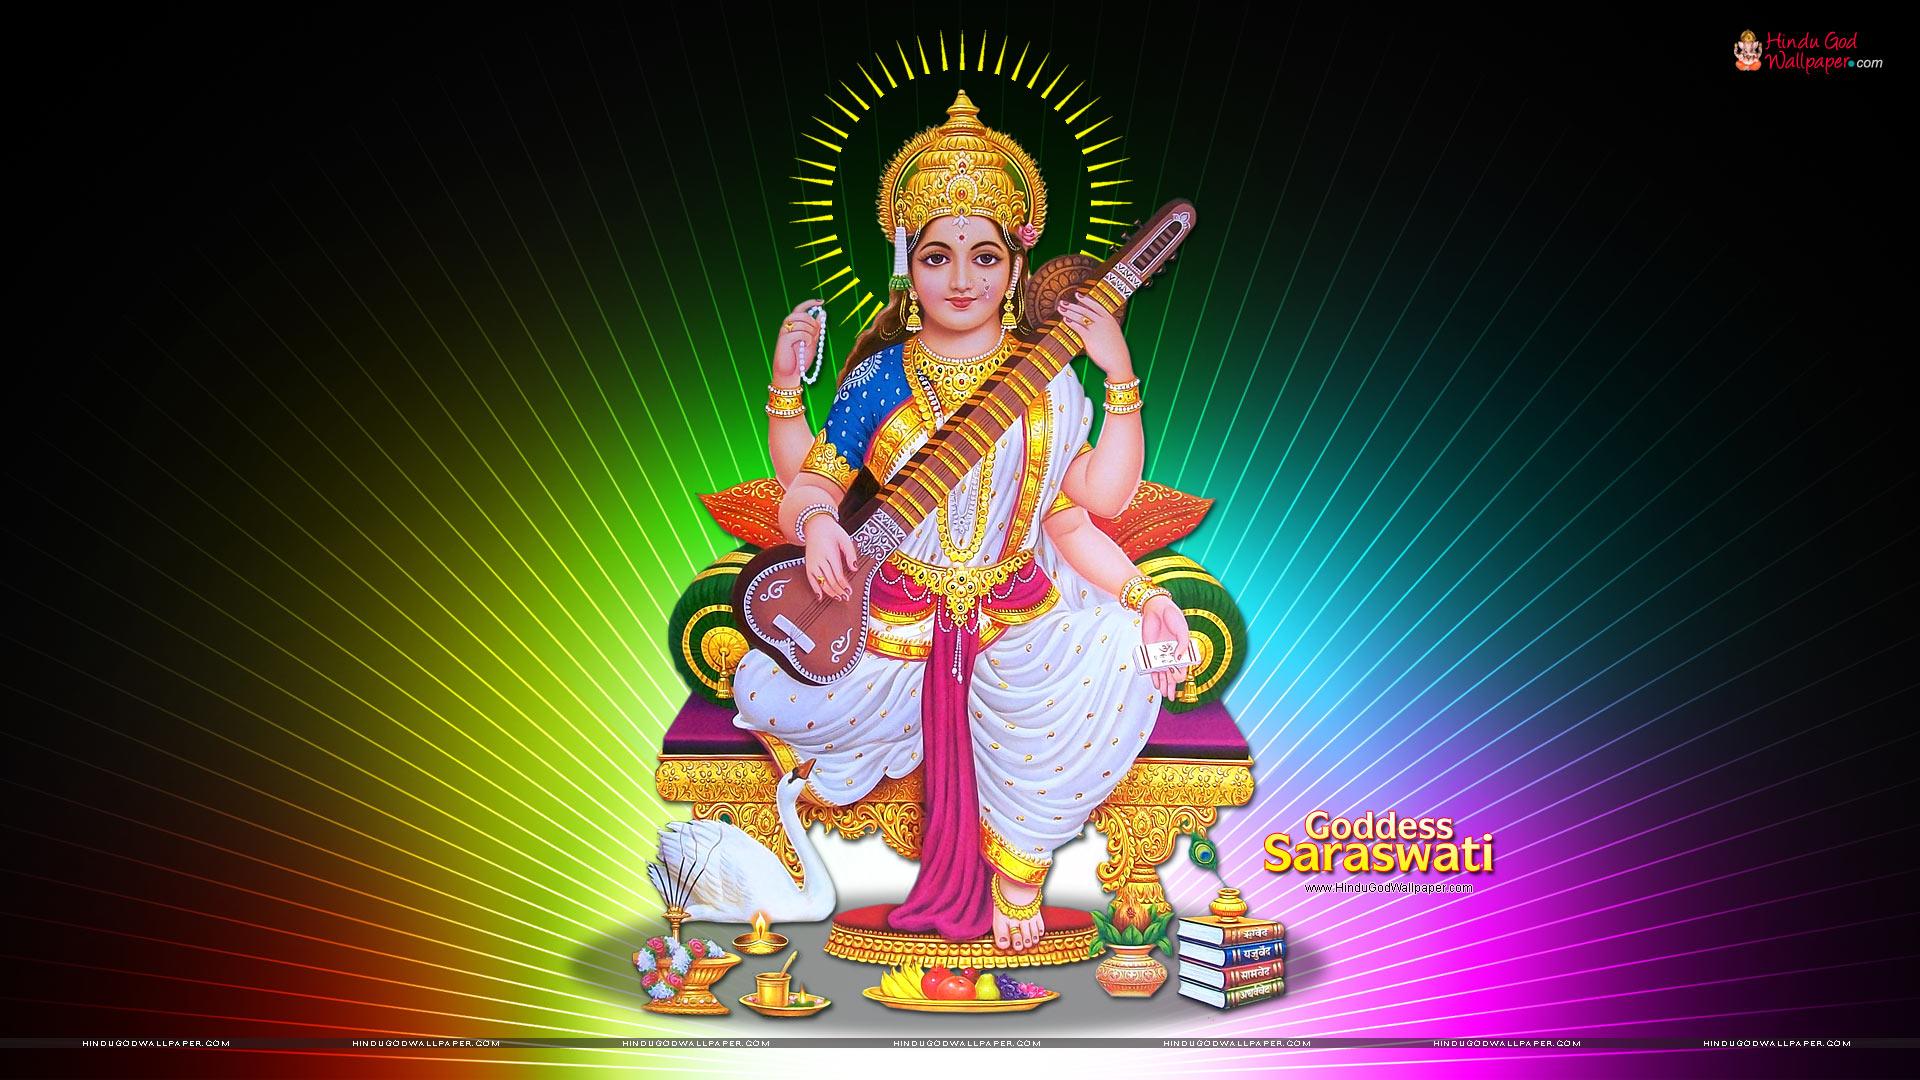 God Hd Wallpapers Baby Krishna Hd Wallpaper Krishna 1920x1080